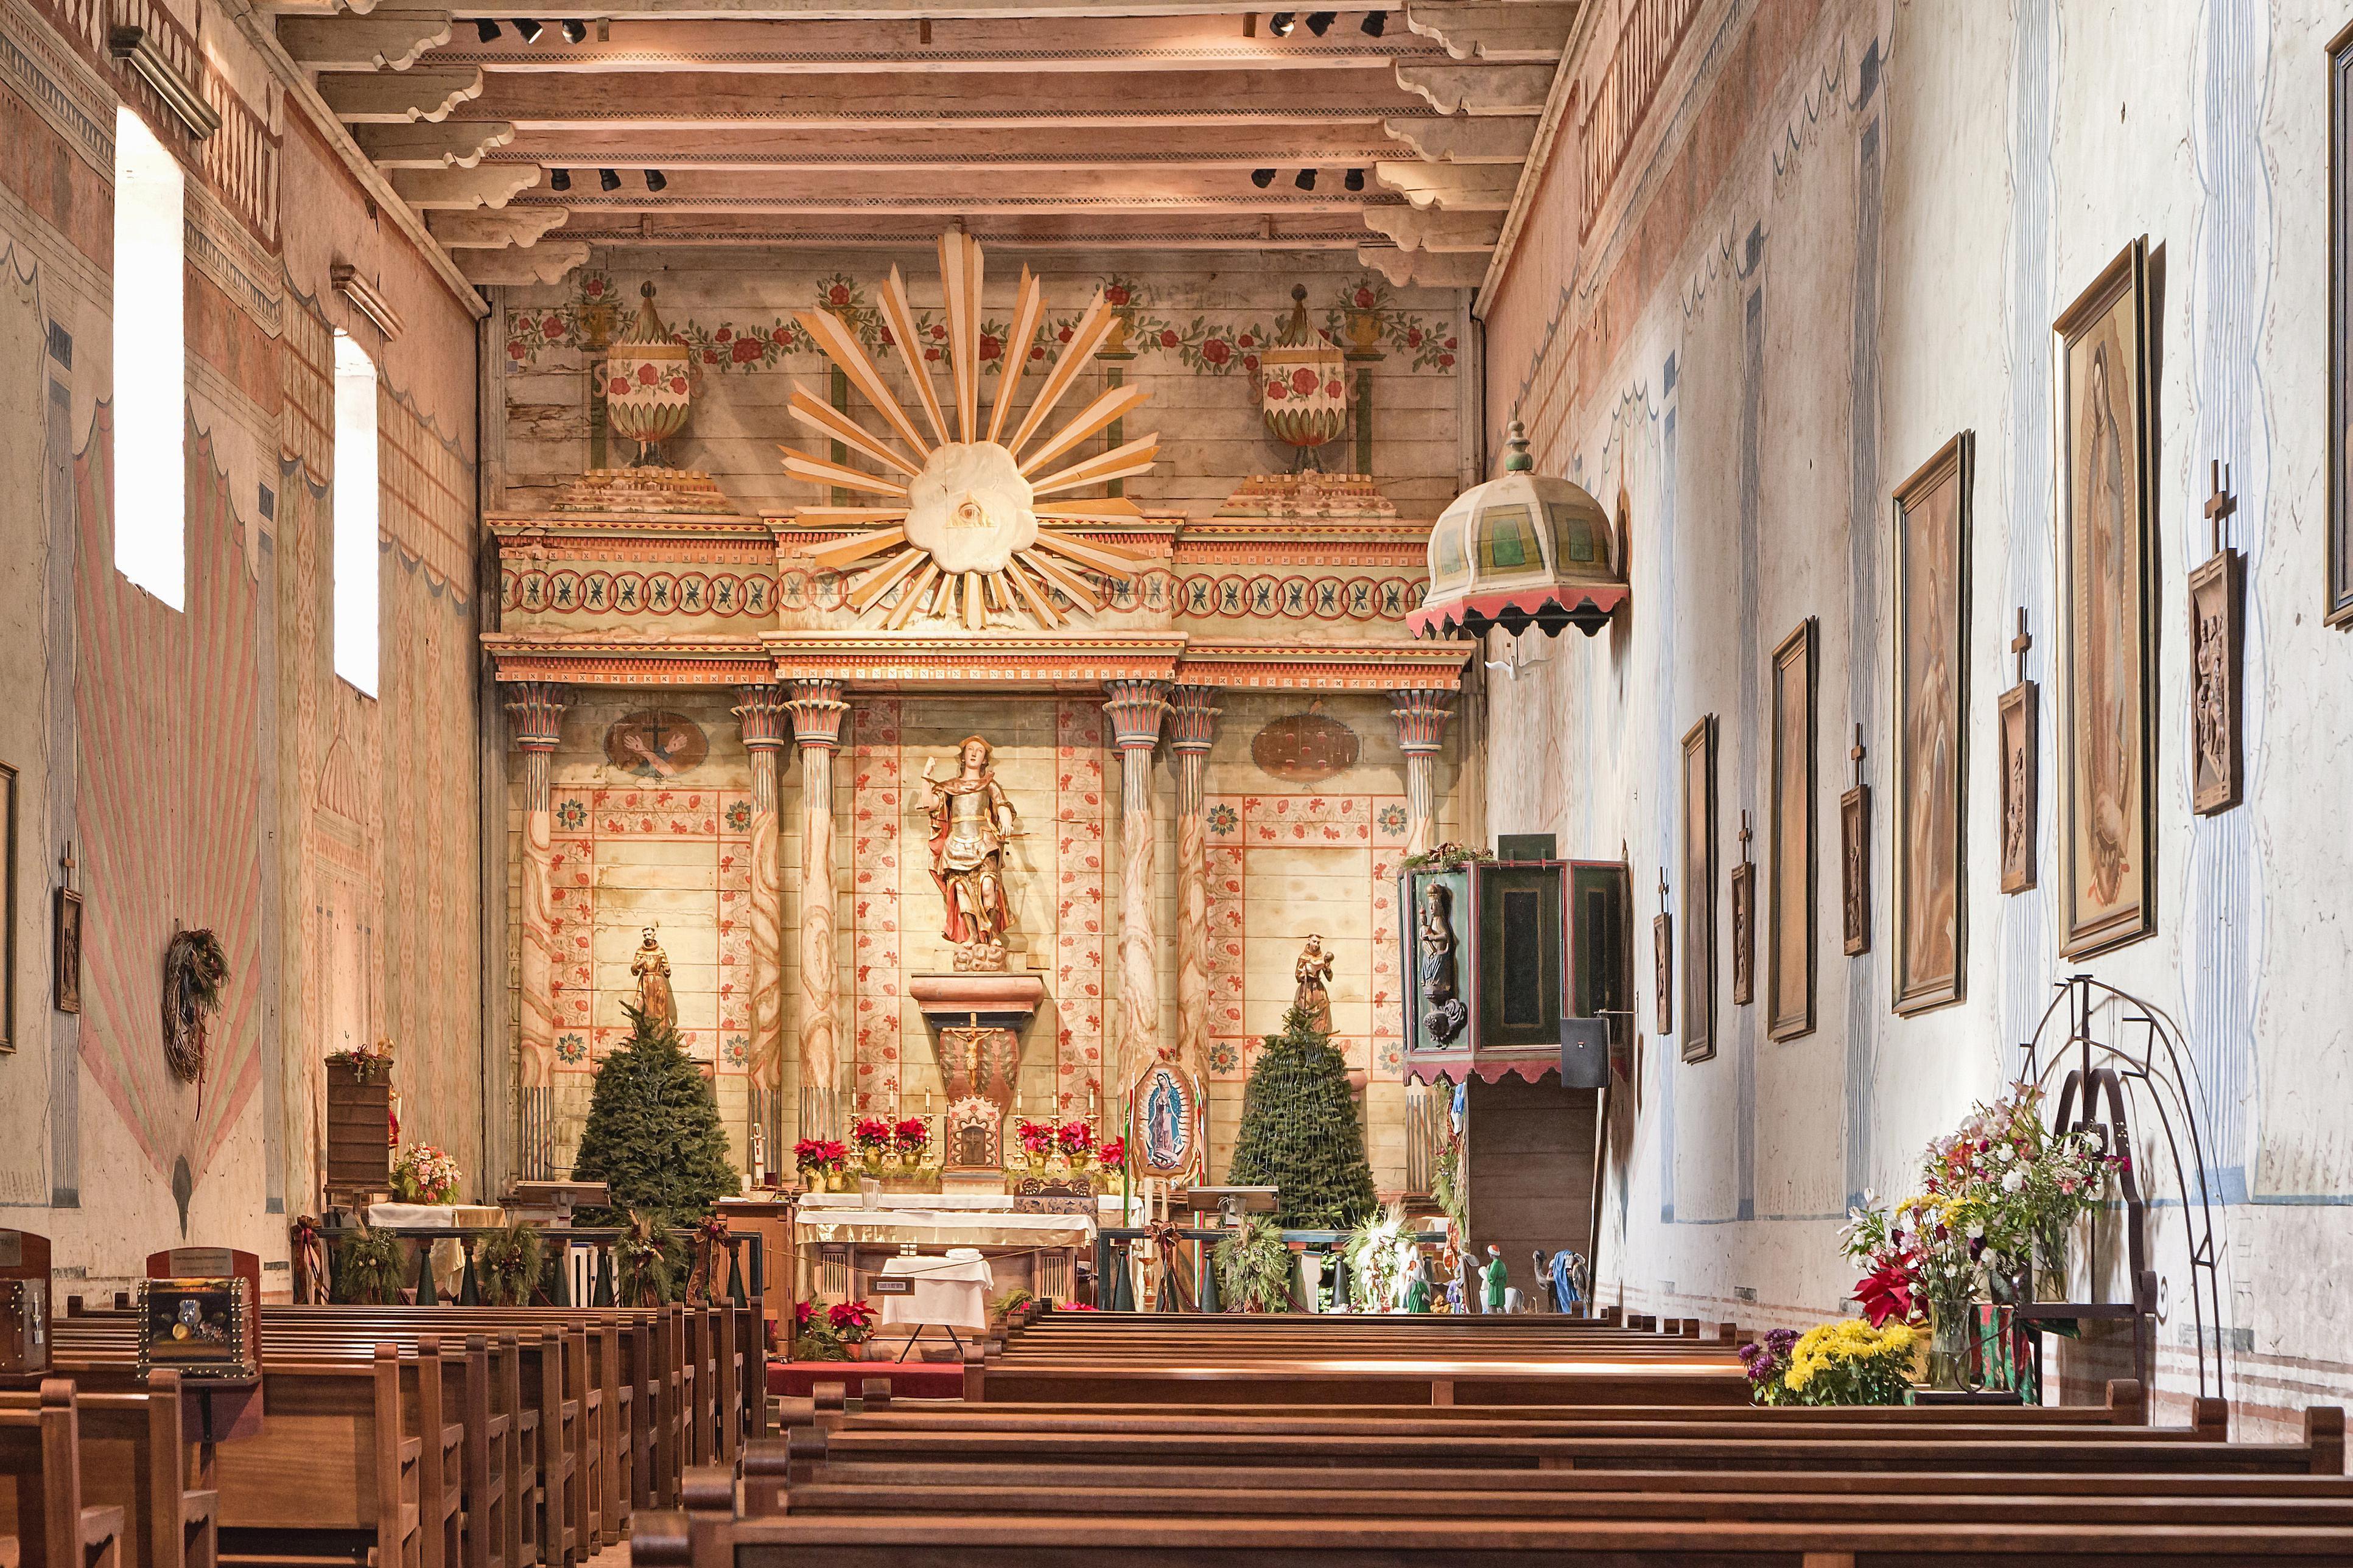 Interior, Mission San Miguel